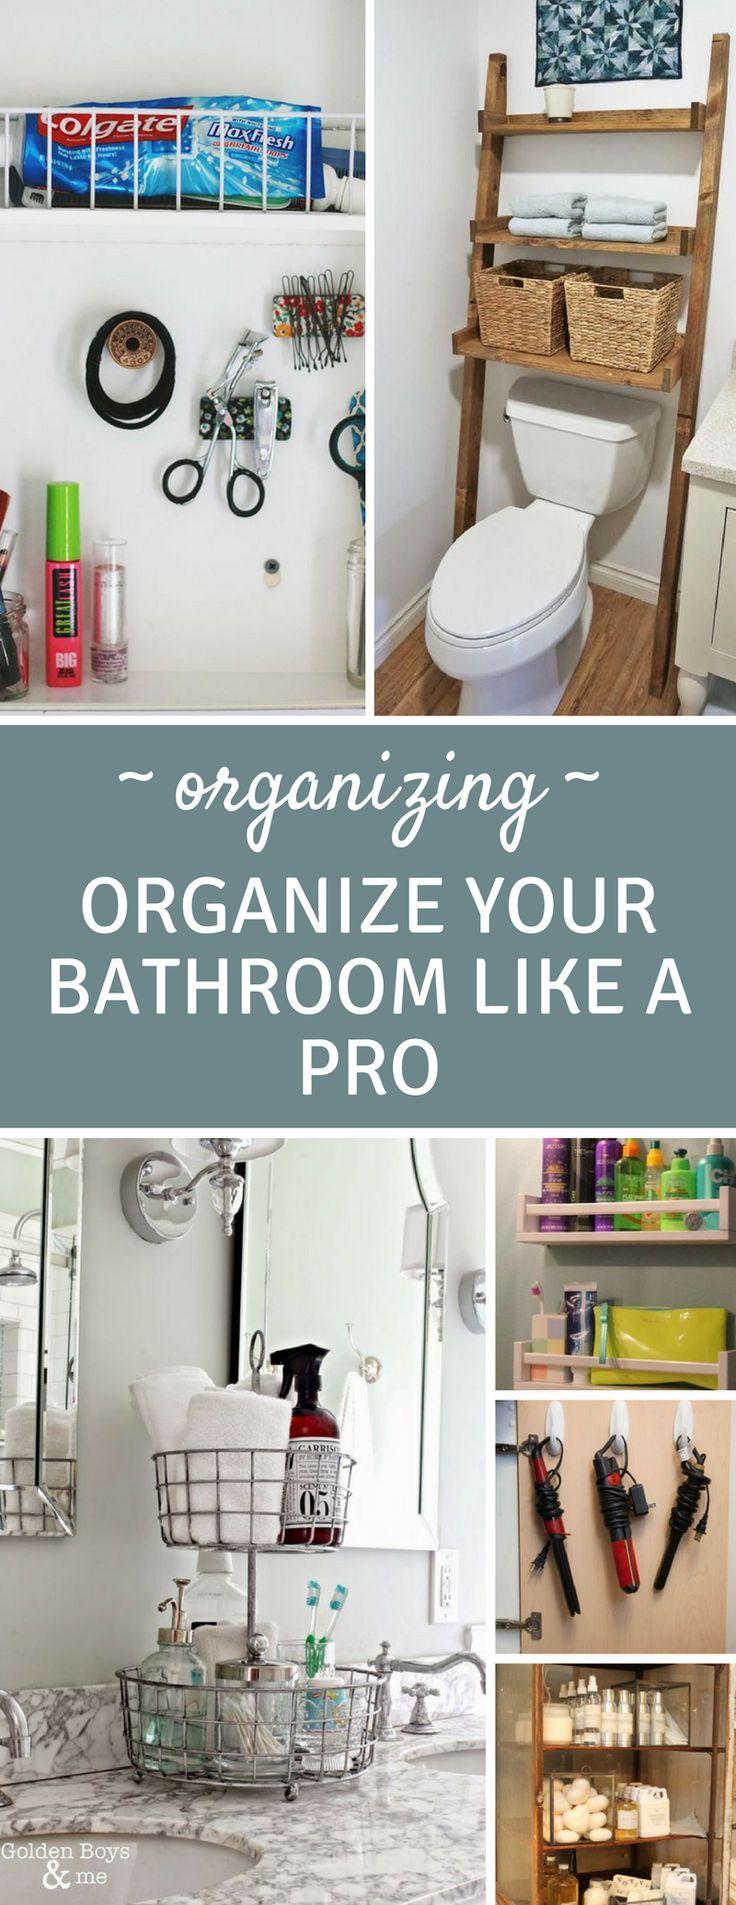 14 Brilliantly Easy Bathroom Organization Hacks that